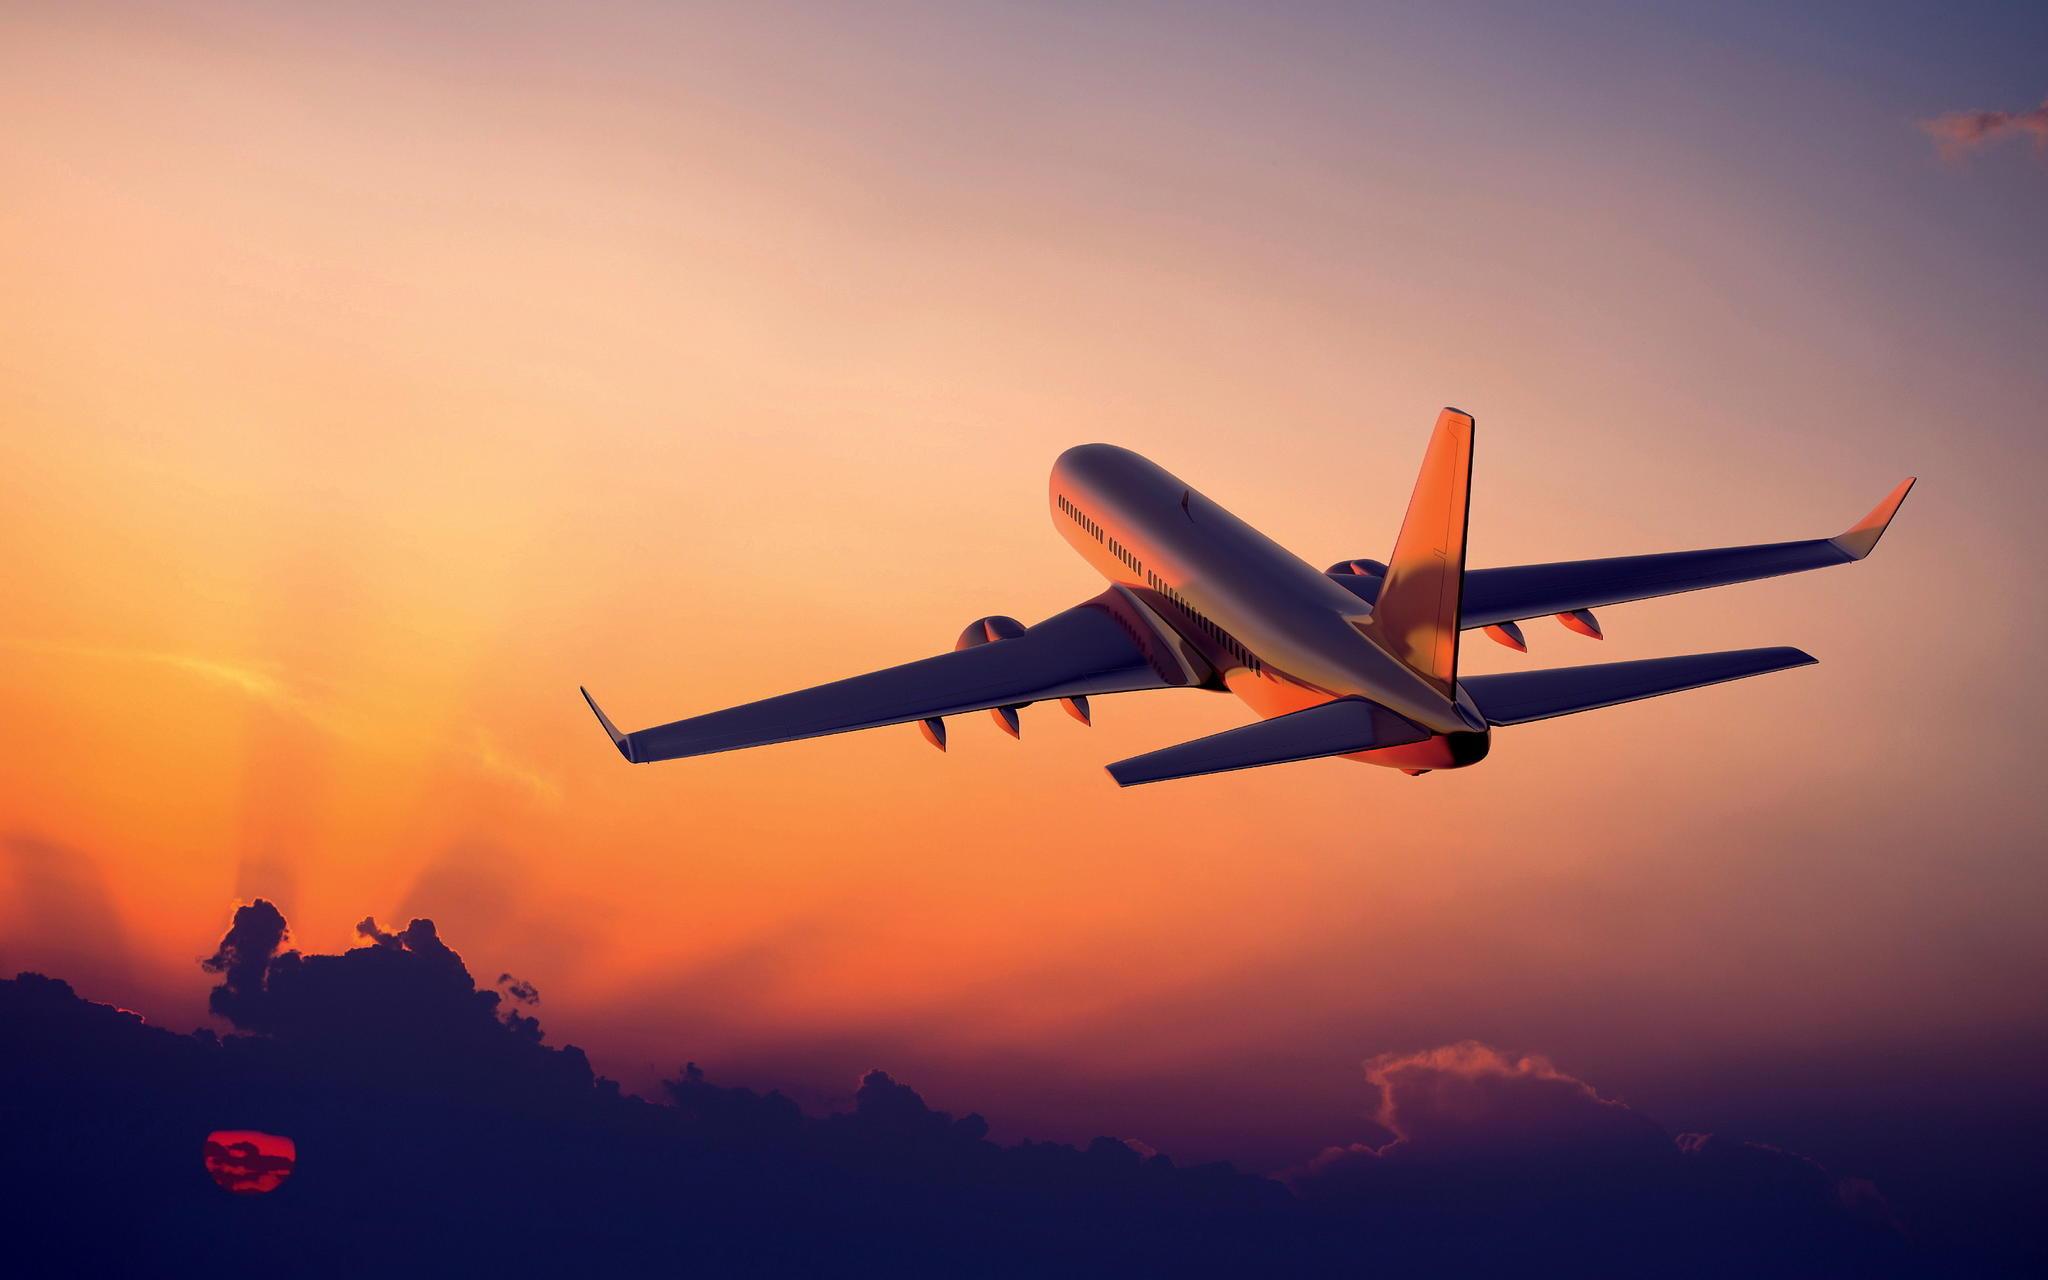 Даешь свободное небо! На радость любителям безвиза: будут ли украинцы дешево и быстро летать в Европу